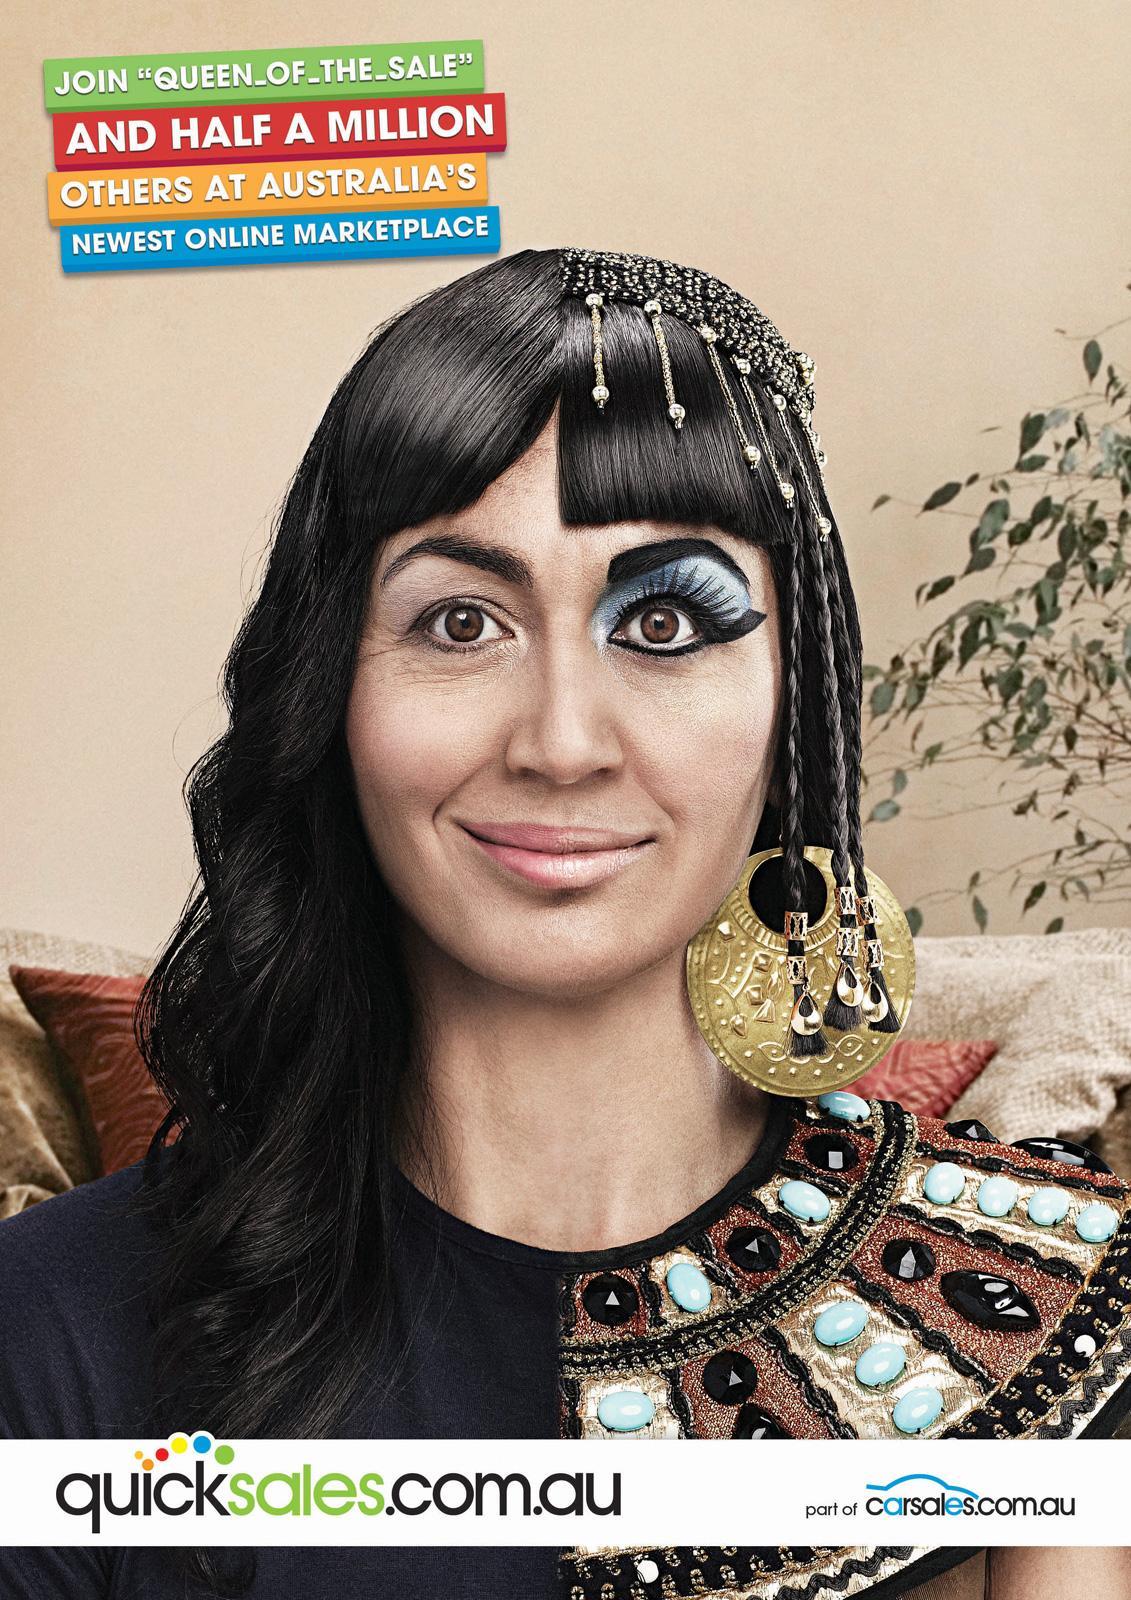 Quicksales.com.au Print Ad -  Alter Egos, Cleopatra